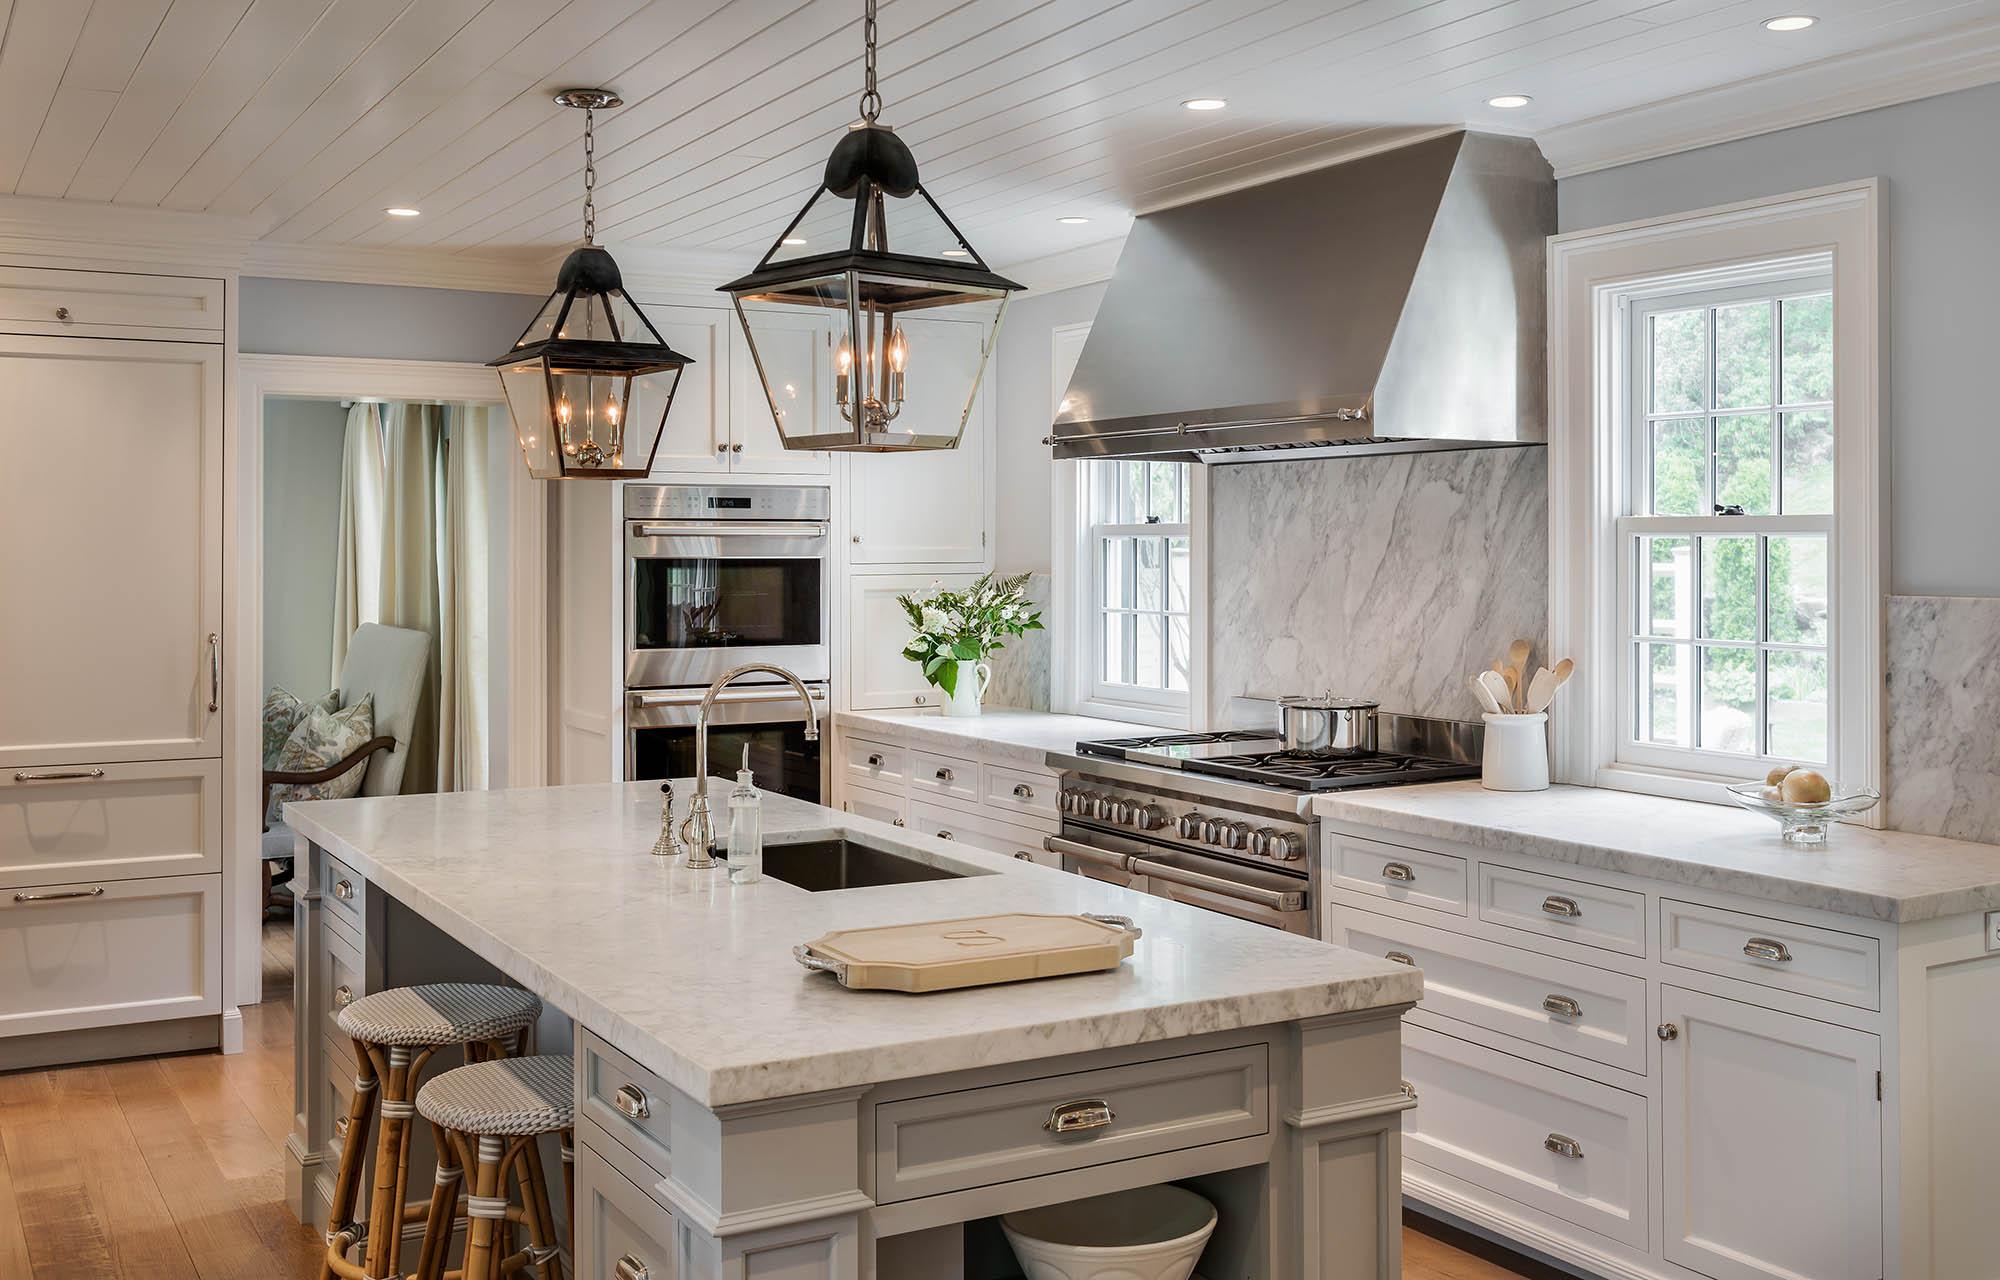 Kitchen Full of Grey